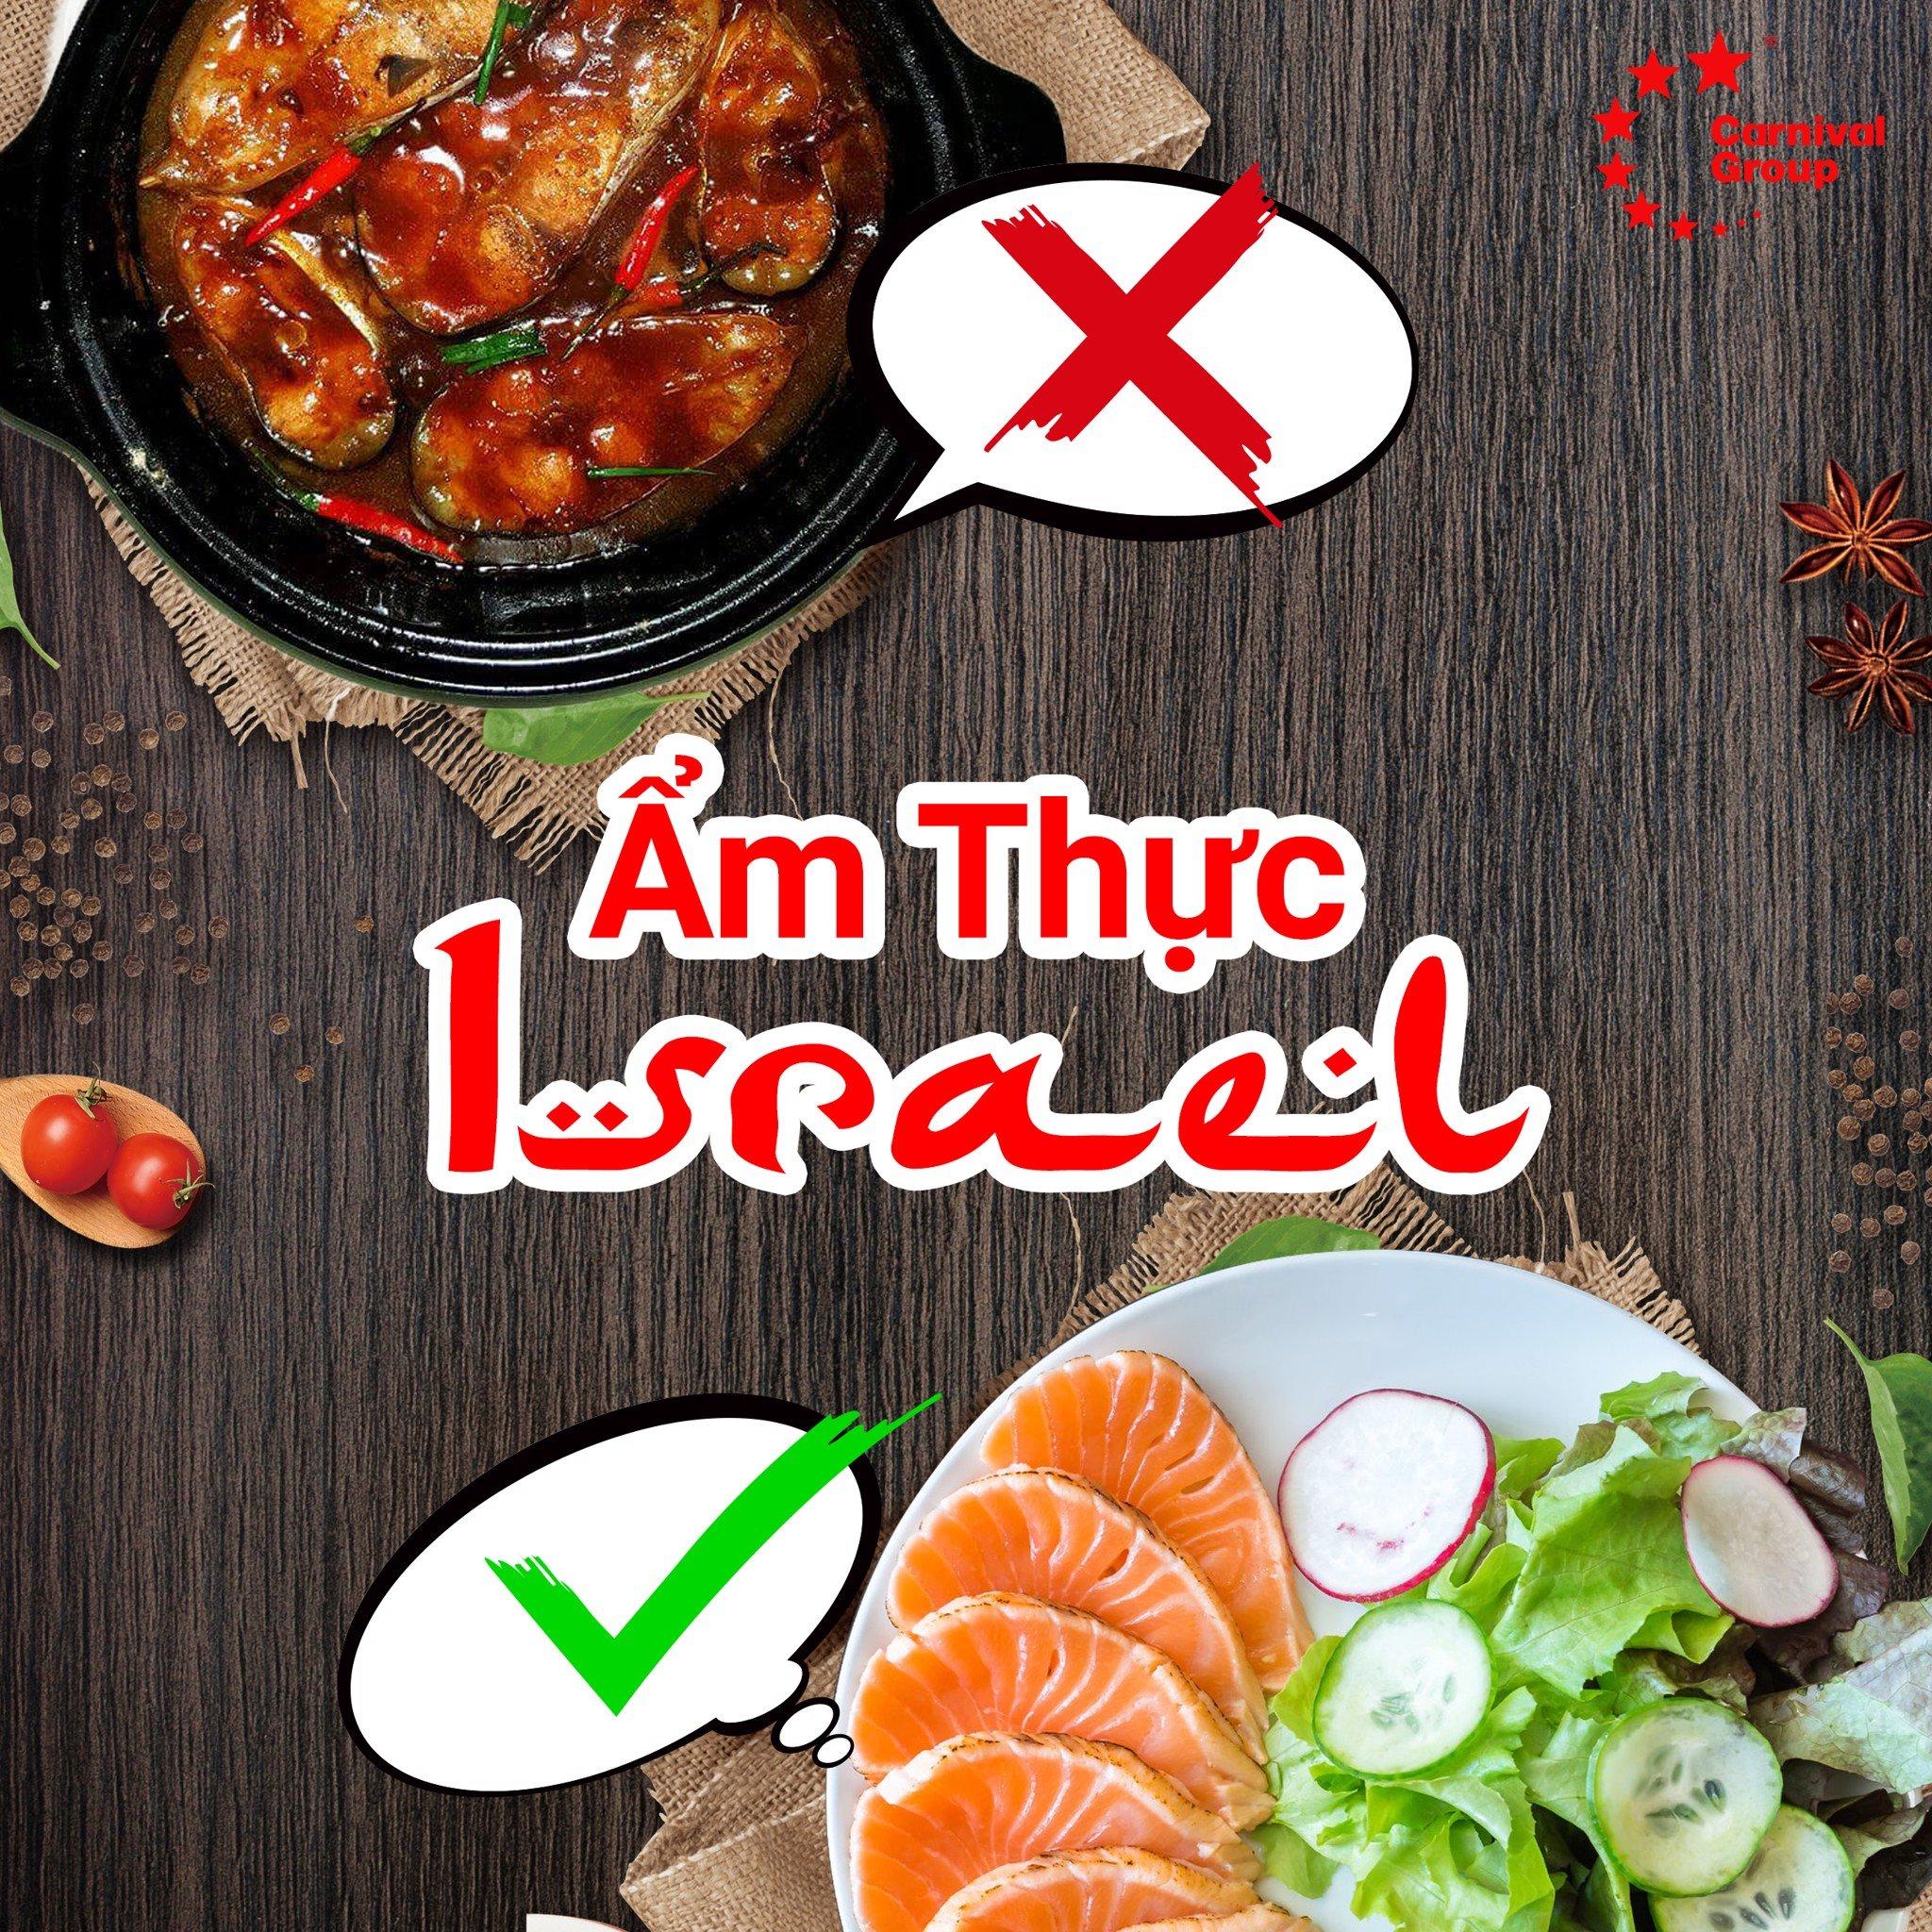 Quy chuẩn trong ăn uống của người dân Israel theo quy tắc kosher